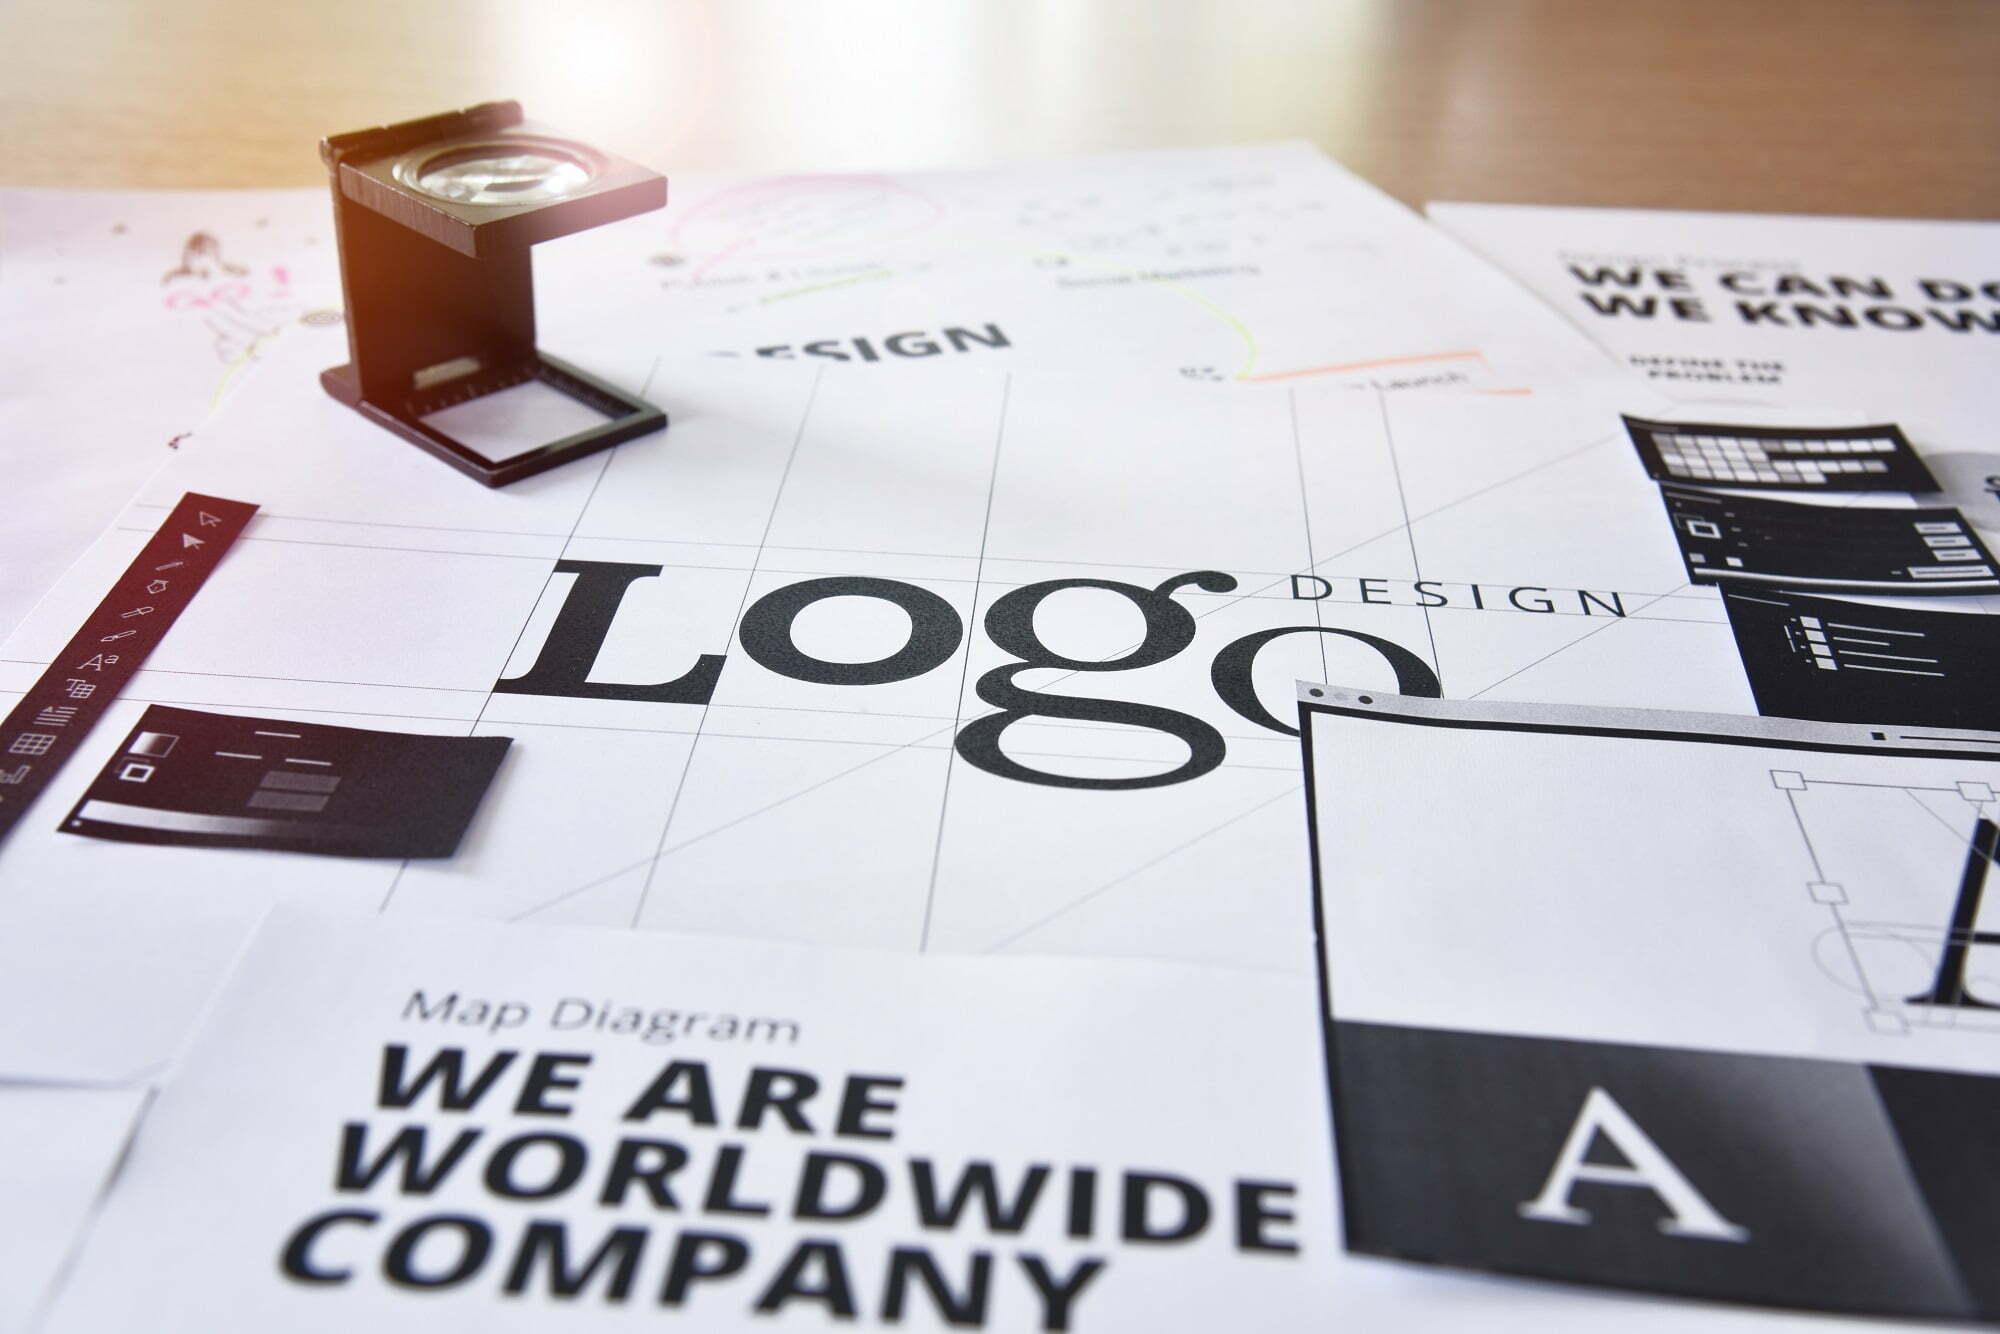 Thiết kế logo chuyên nghiệp nâng tầm thương hiệu